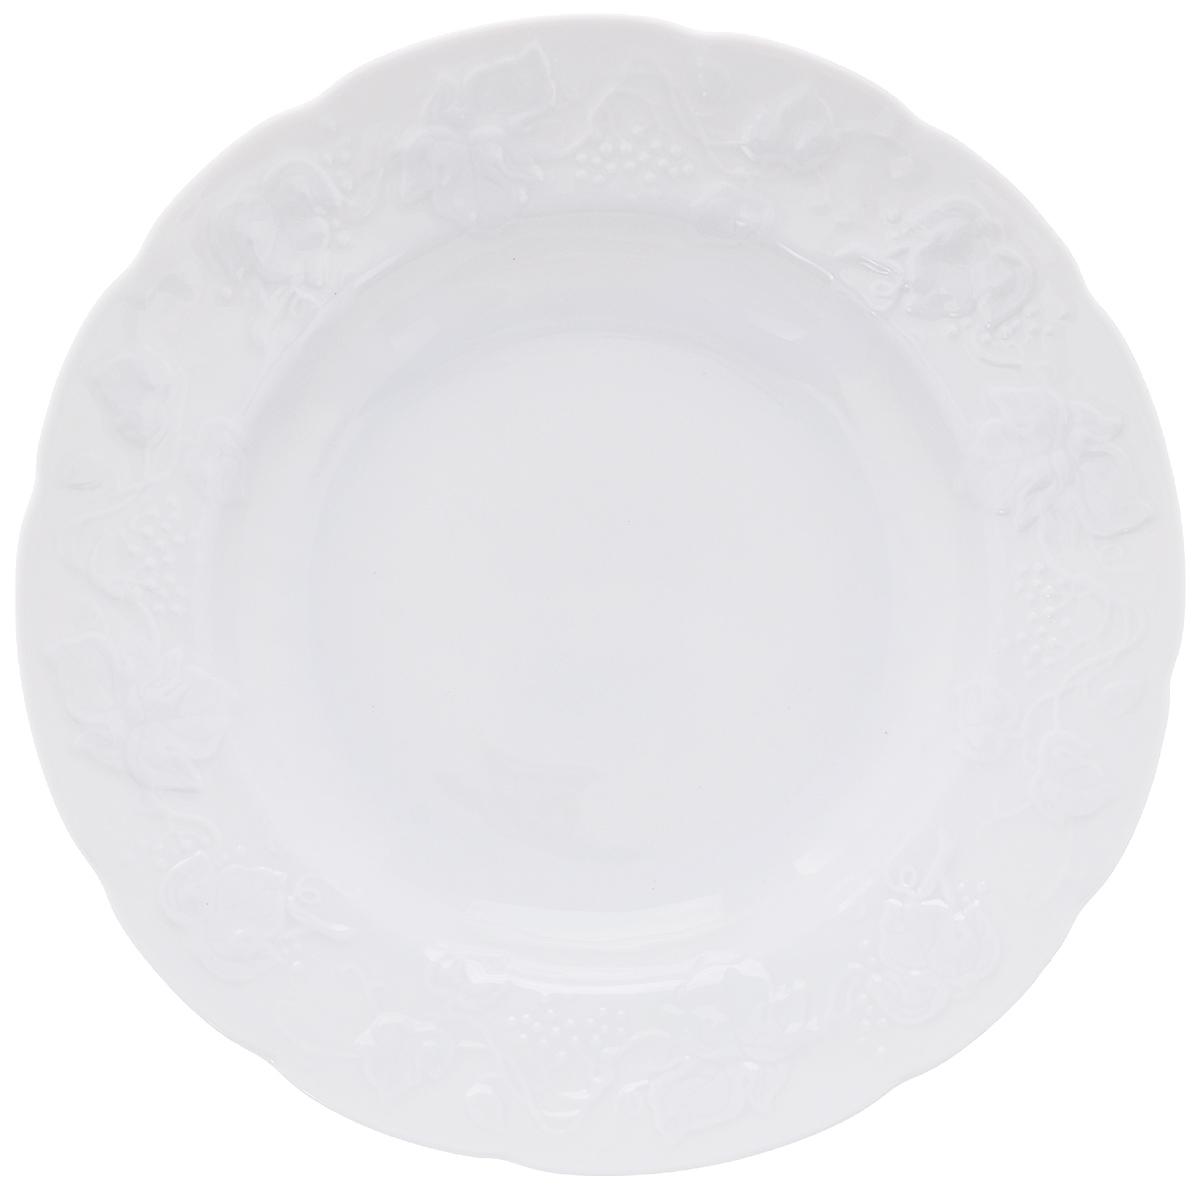 Тарелка десертная Yves De La Rosiere Vendanges, цвет: белый, диаметр 21 см54 009312Тарелка Yves De La Rosiere Vendanges, выполненная из высококачественного фарфора, декорирована рельефным изображением цветов. Изящный дизайн придется по вкусу и ценителям классики, и тем, кто предпочитает утонченность. Тарелка Yves De La Rosiere Vendanges идеально подойдет для сервировки стола и станет отличным подарком к любому празднику.Диаметр тарелки (по верхнему краю): 21 см.